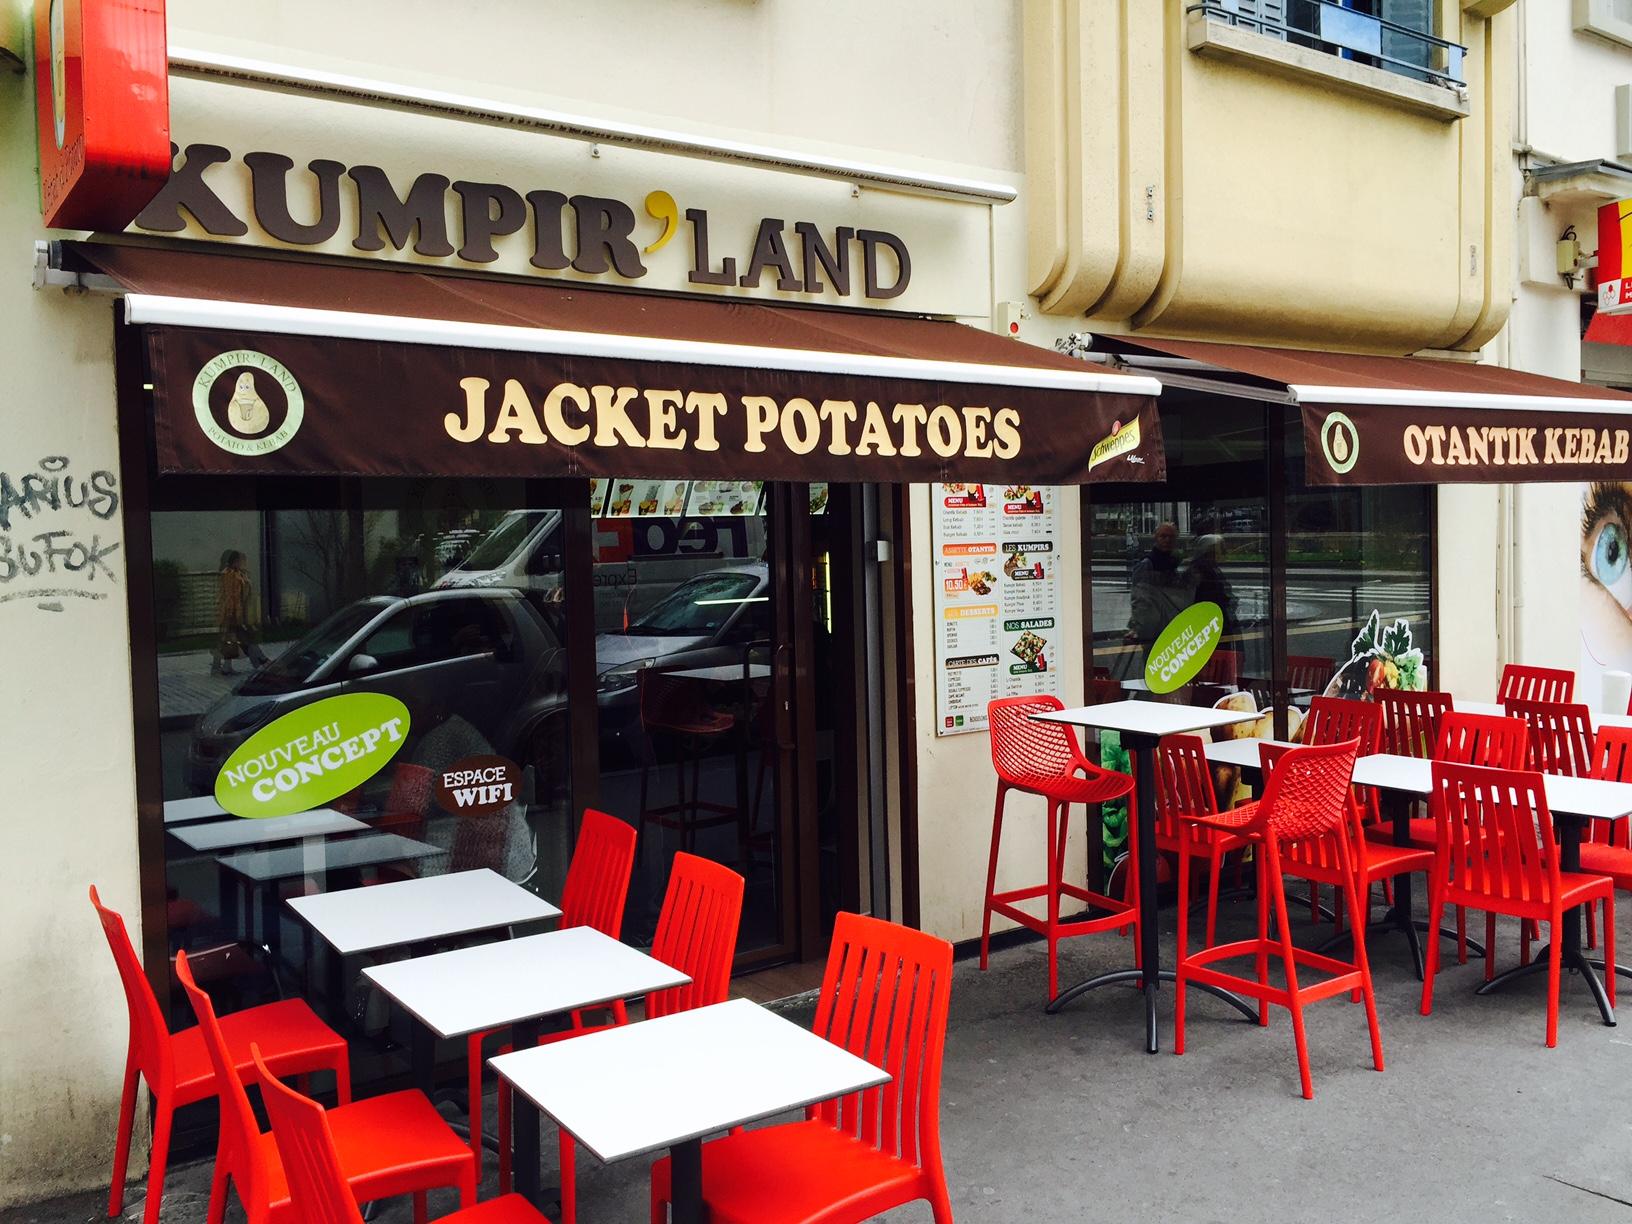 Kumpir land coffee meuble le blog Coffee meuble